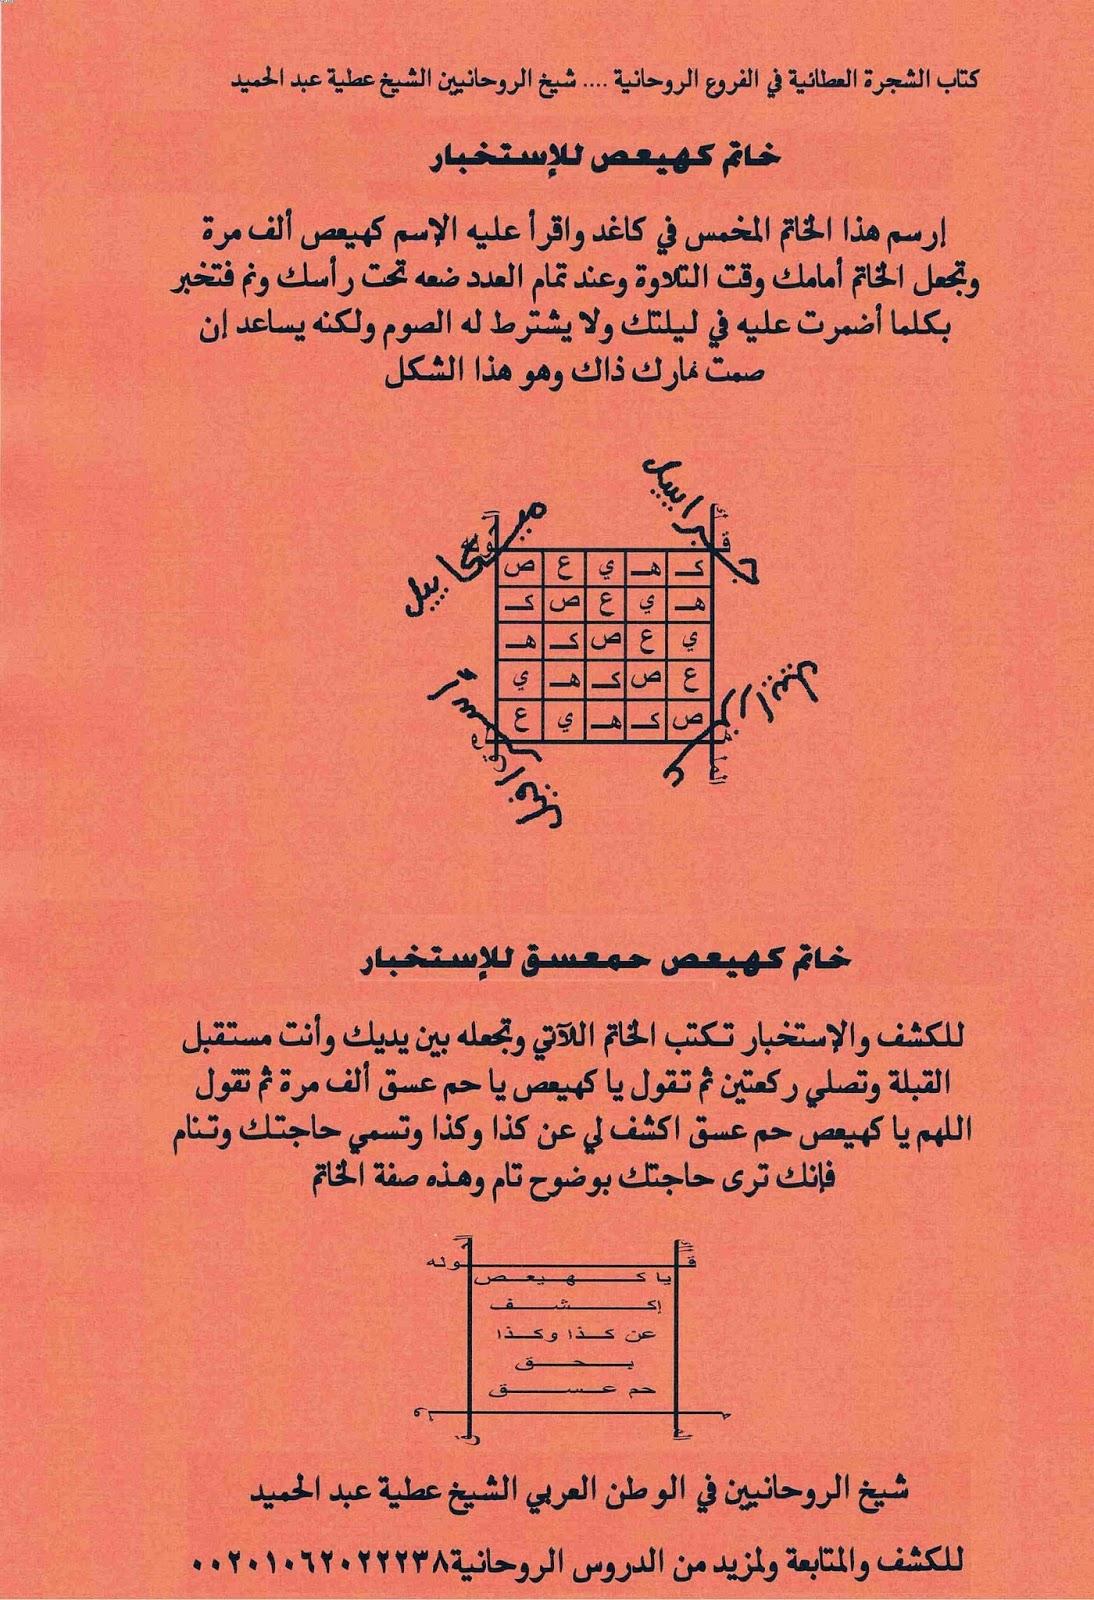 تحميل كتب الشيخ عطية عبد الحميد pdf